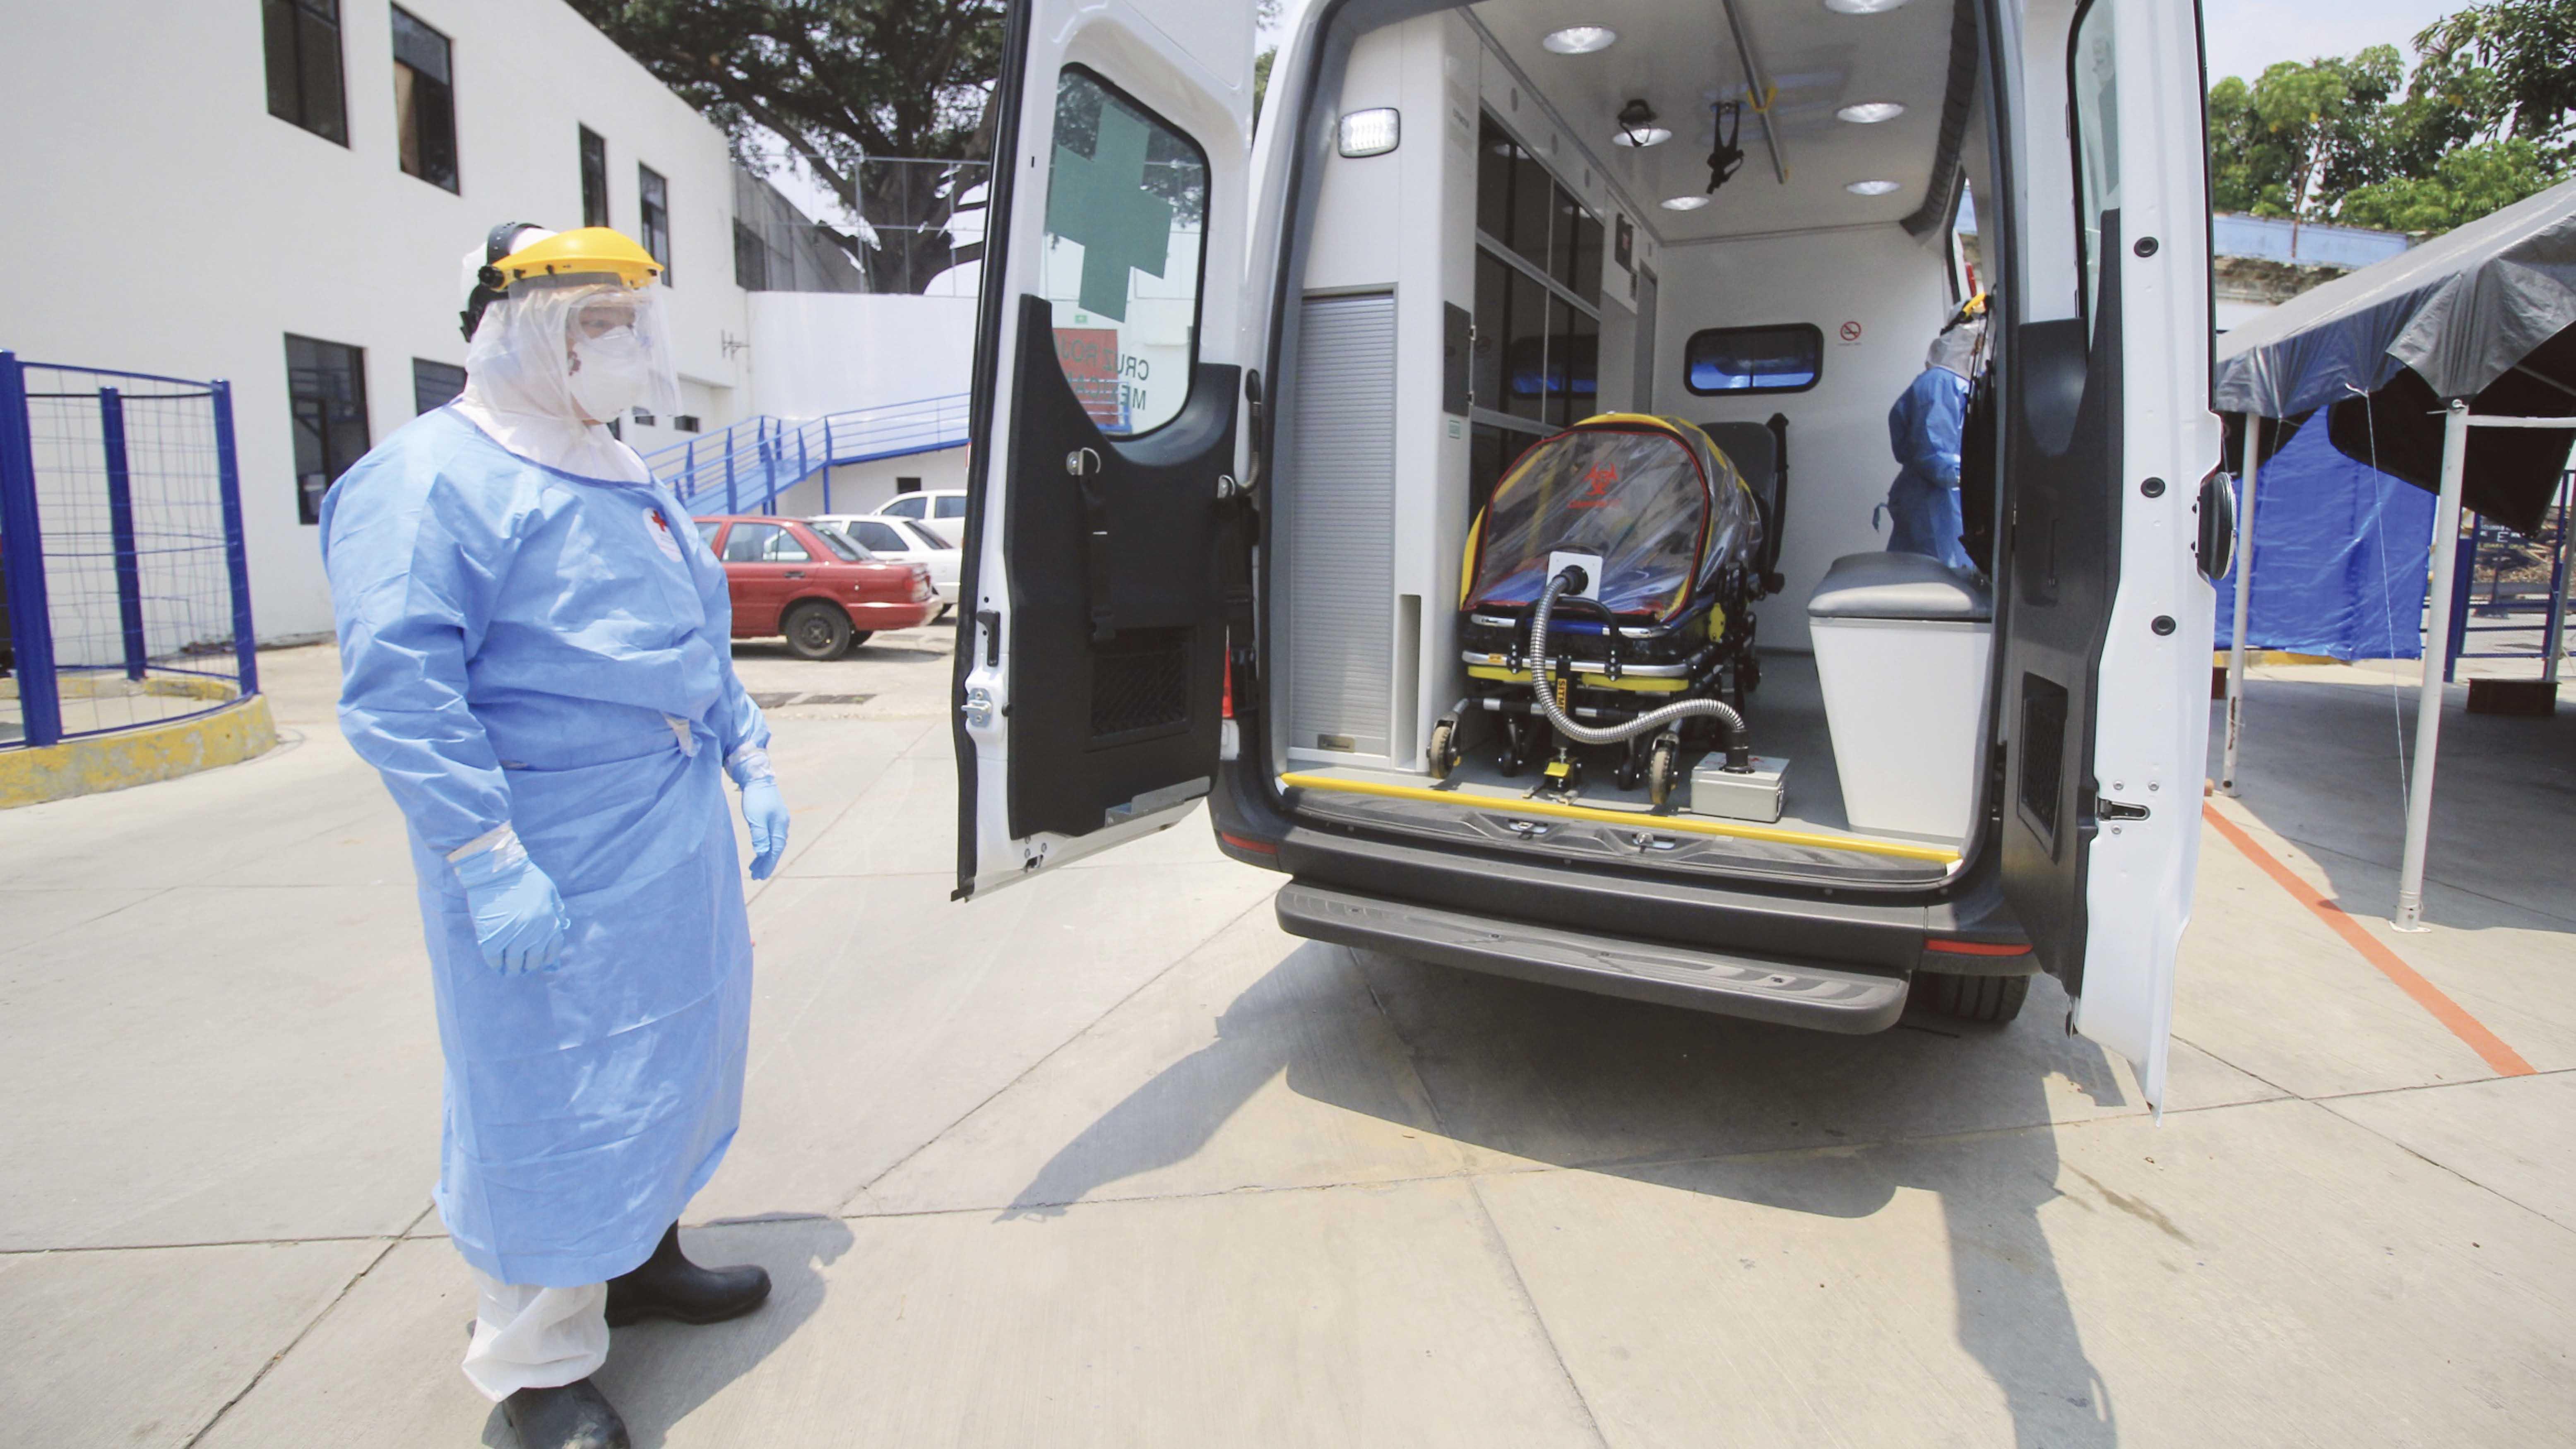 Paramédicos de la Cruz Roja afrontan el reto de salvar vidas hacia el pico de la pandemia en Oaxaca